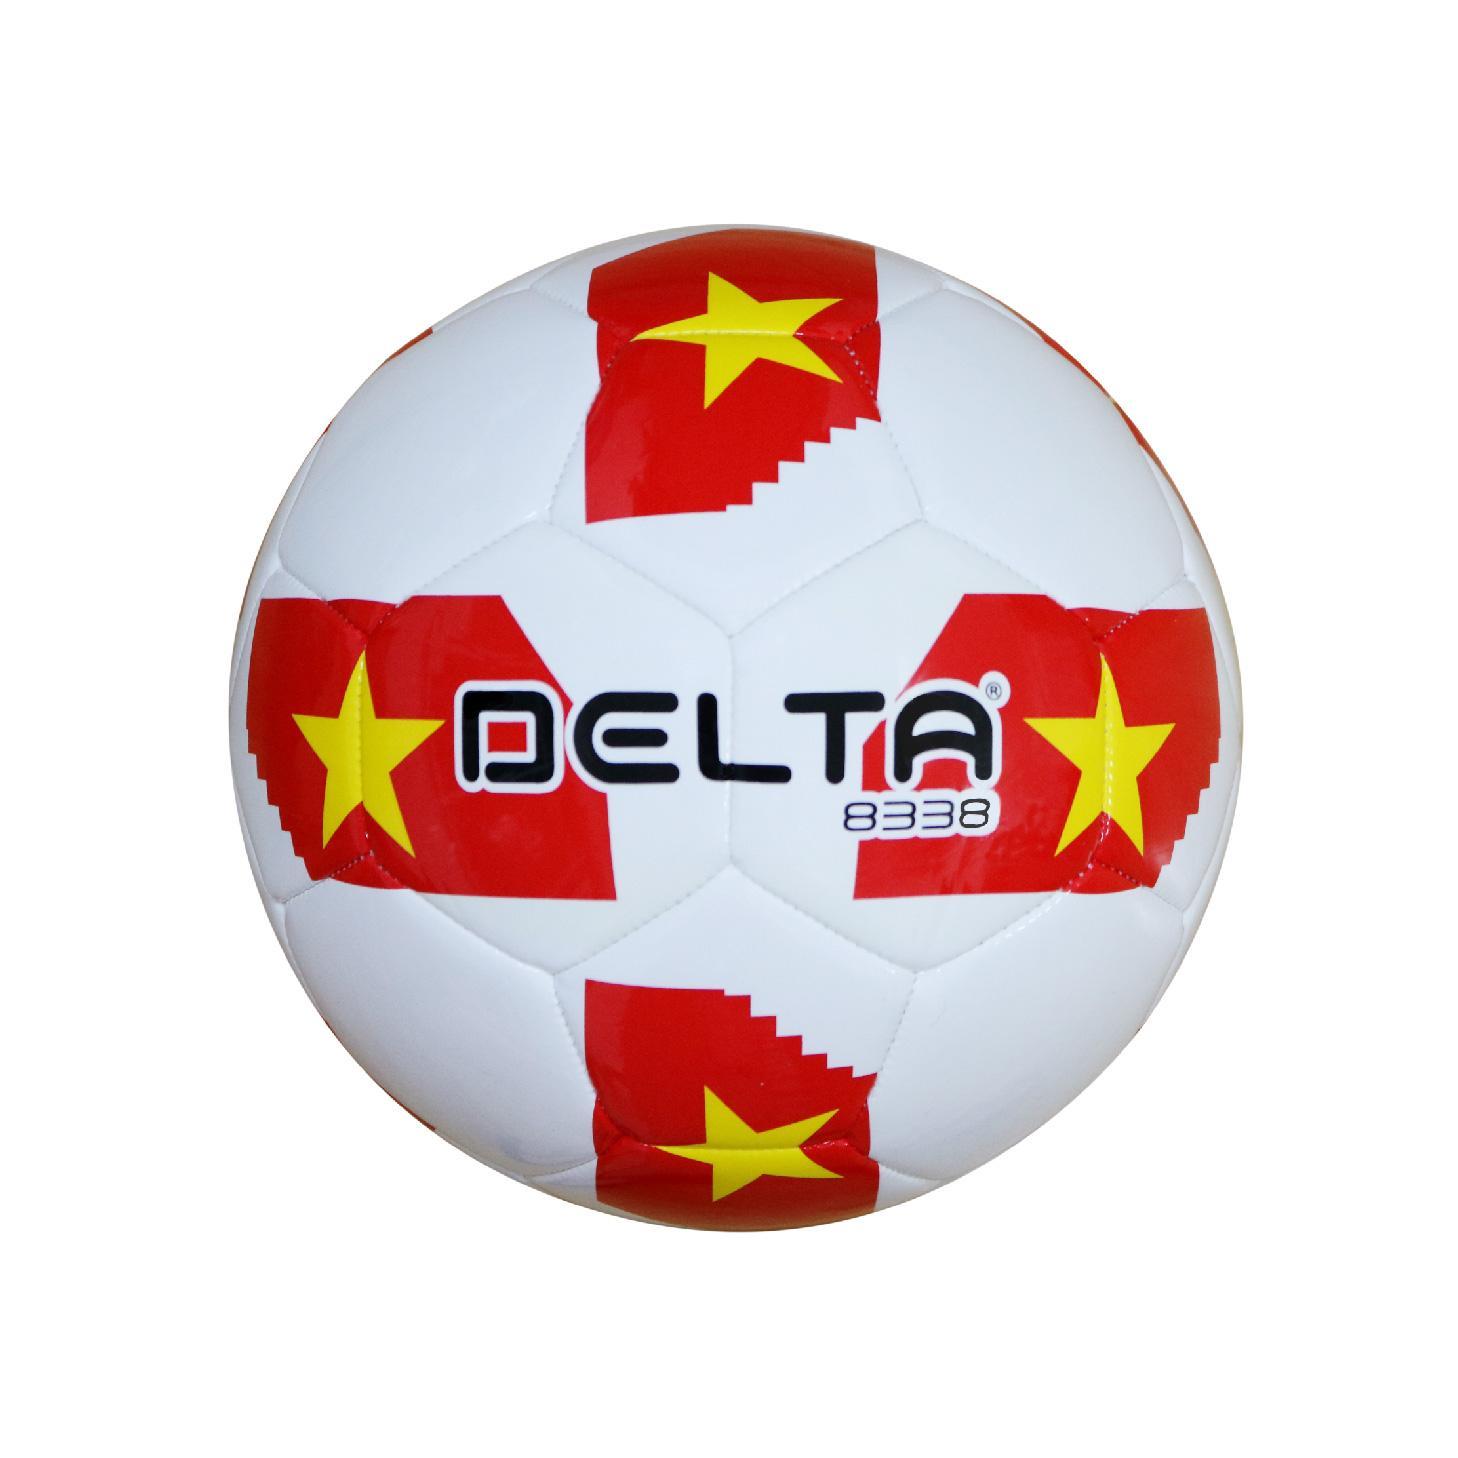 Hình ảnh Bóng Delta 8338 (VN) 3757 - Tặng kèm bộ kim bóng và lưới đựng bóng.